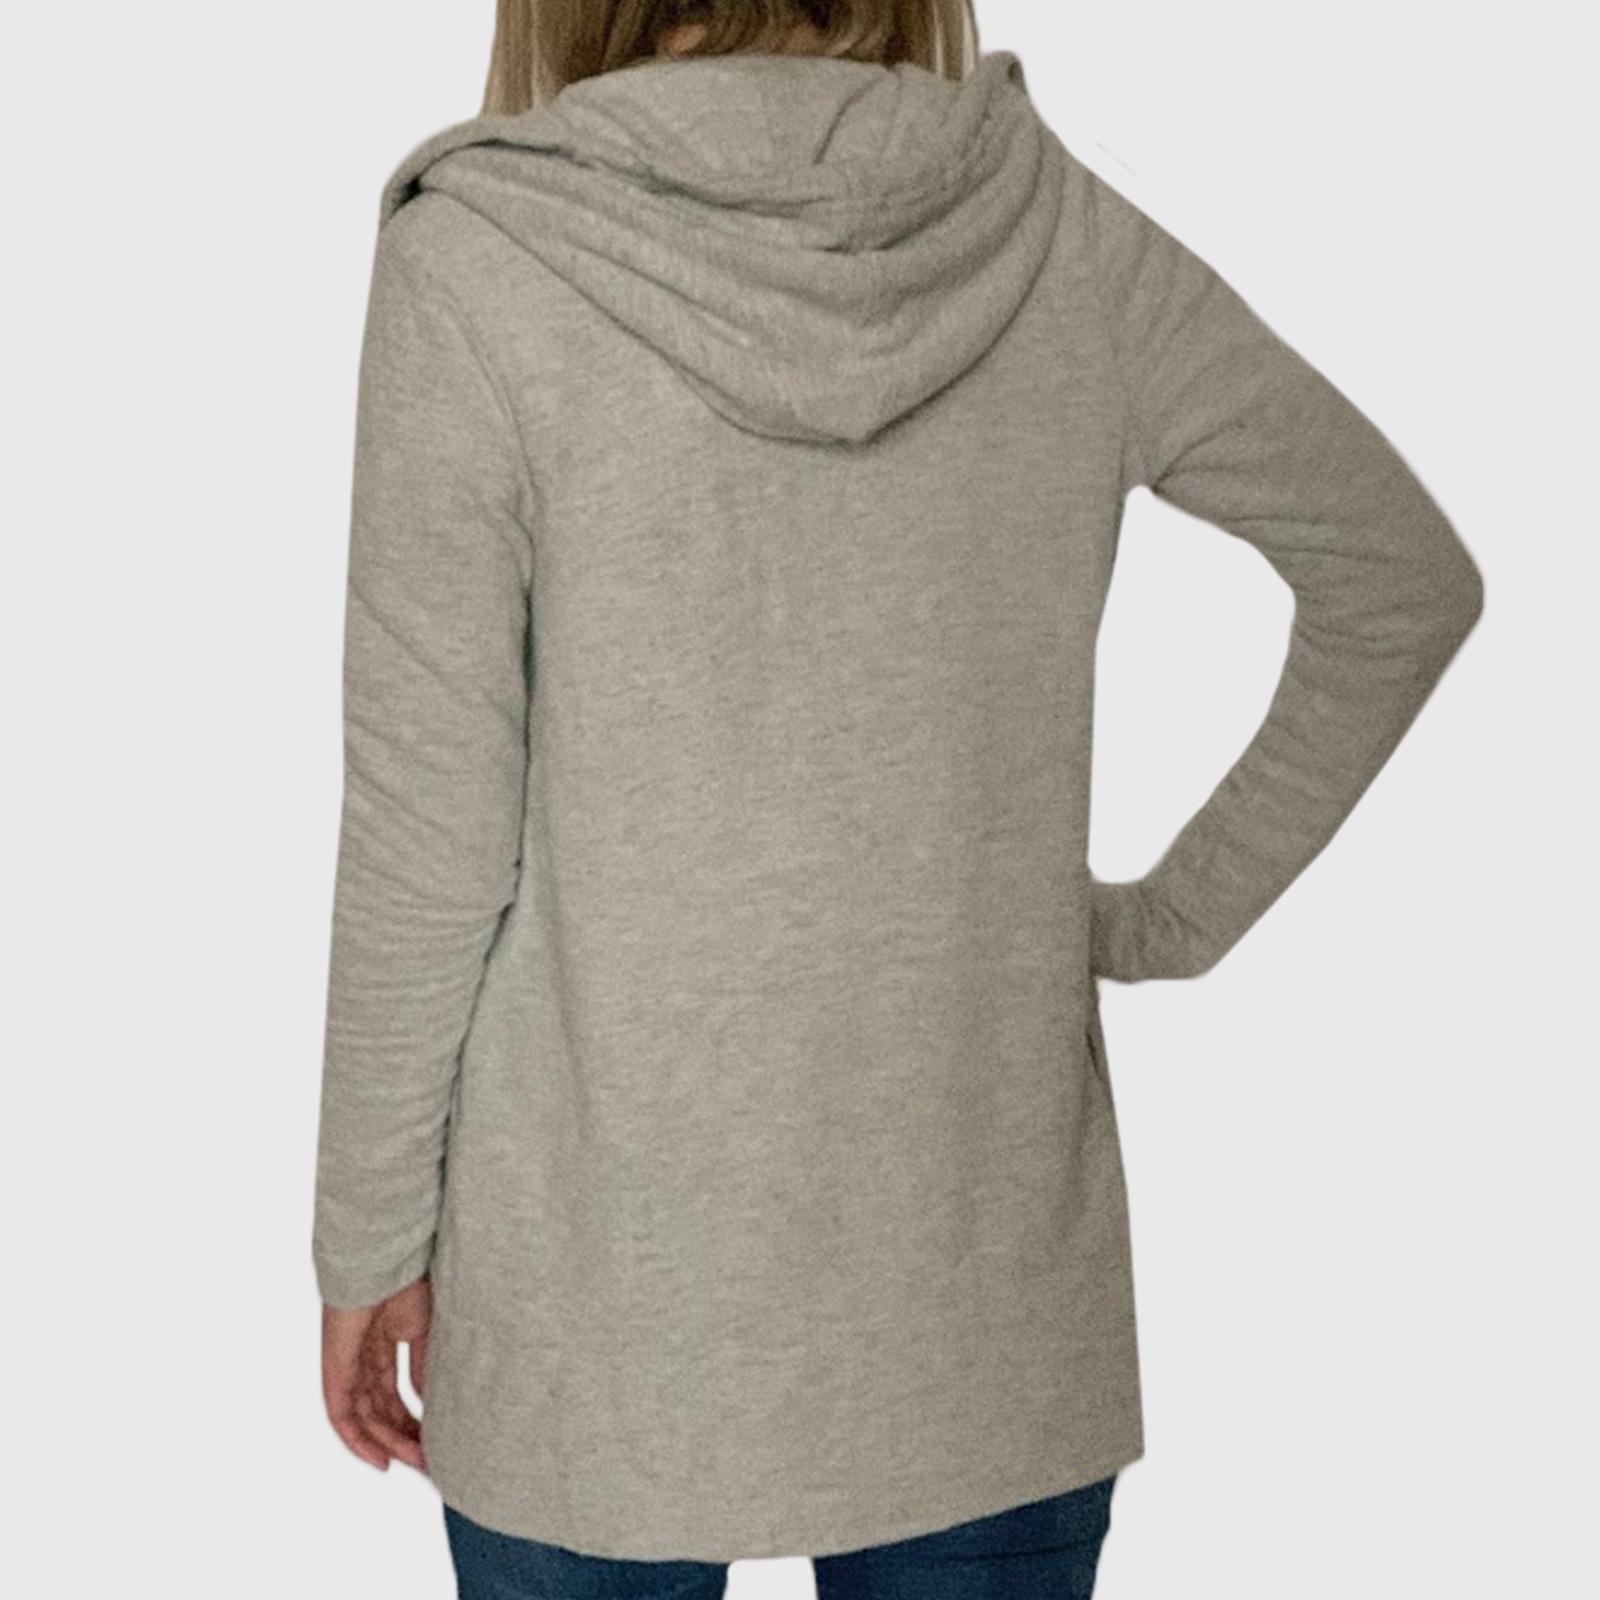 Купить в интернет магазине длинный серый кардиган с капюшоном